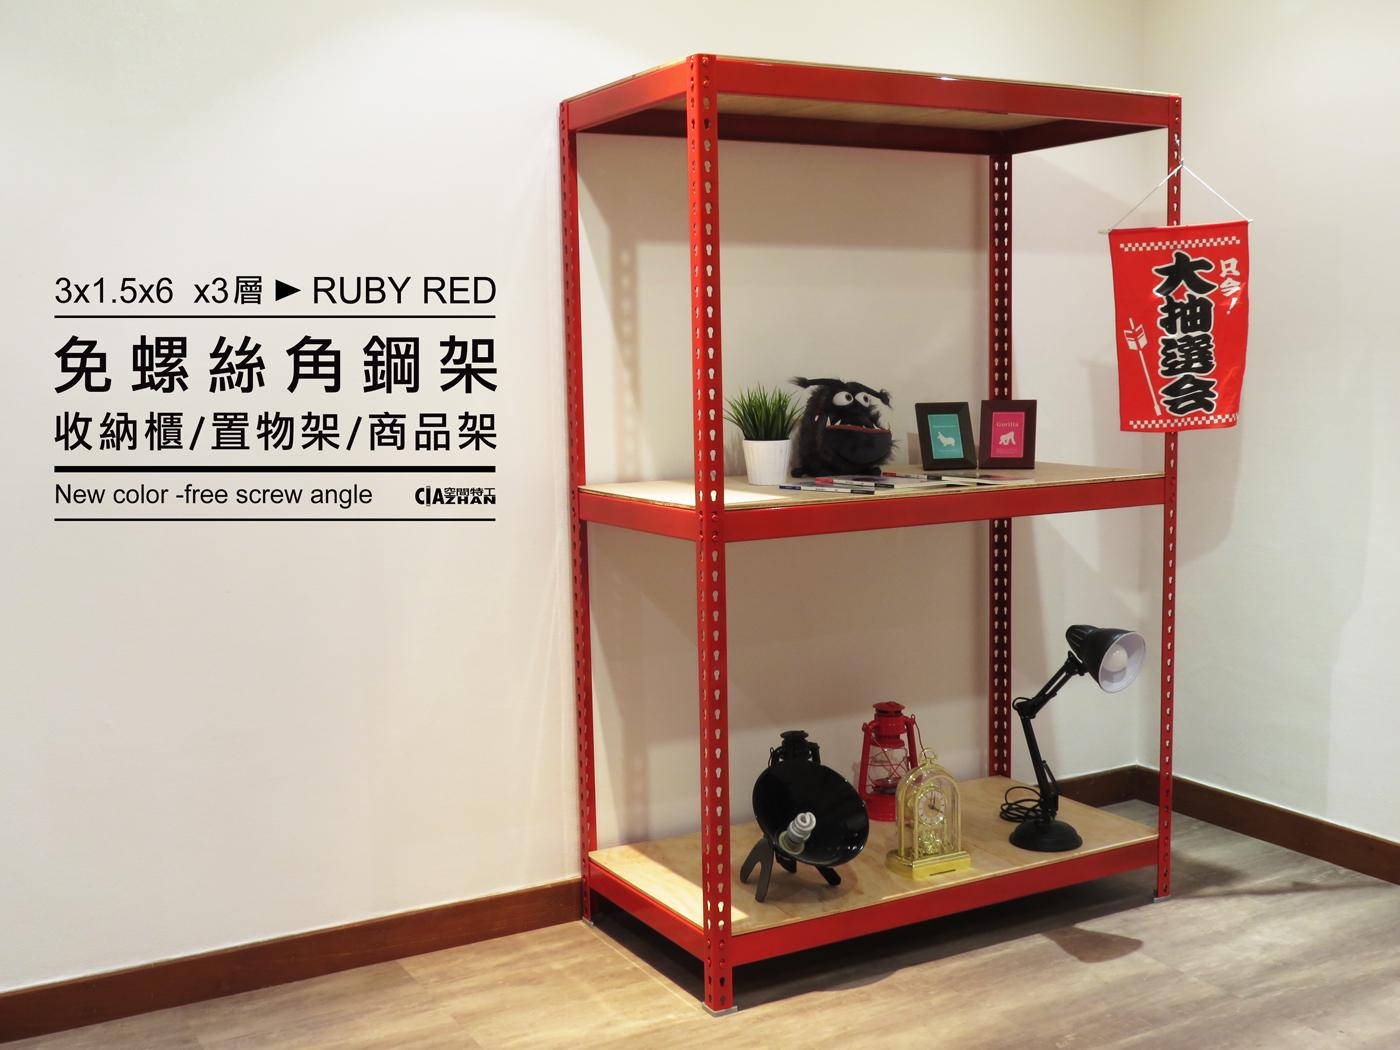 diy組合架♞空間特工♞收納架 書架 鞋櫃 (長3尺x深1.5尺x3層,高6尺 )書櫃 電視櫃 寶石紅置物架